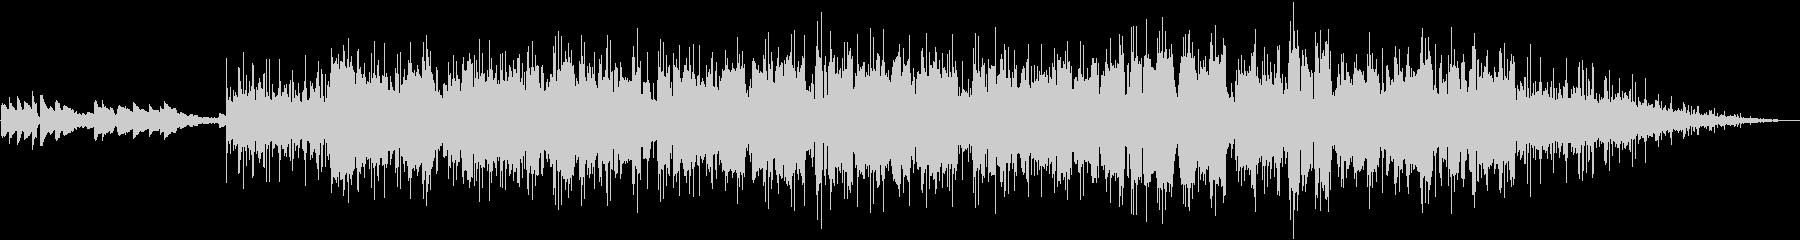 アルトサックスの軽快なフュージョンの未再生の波形